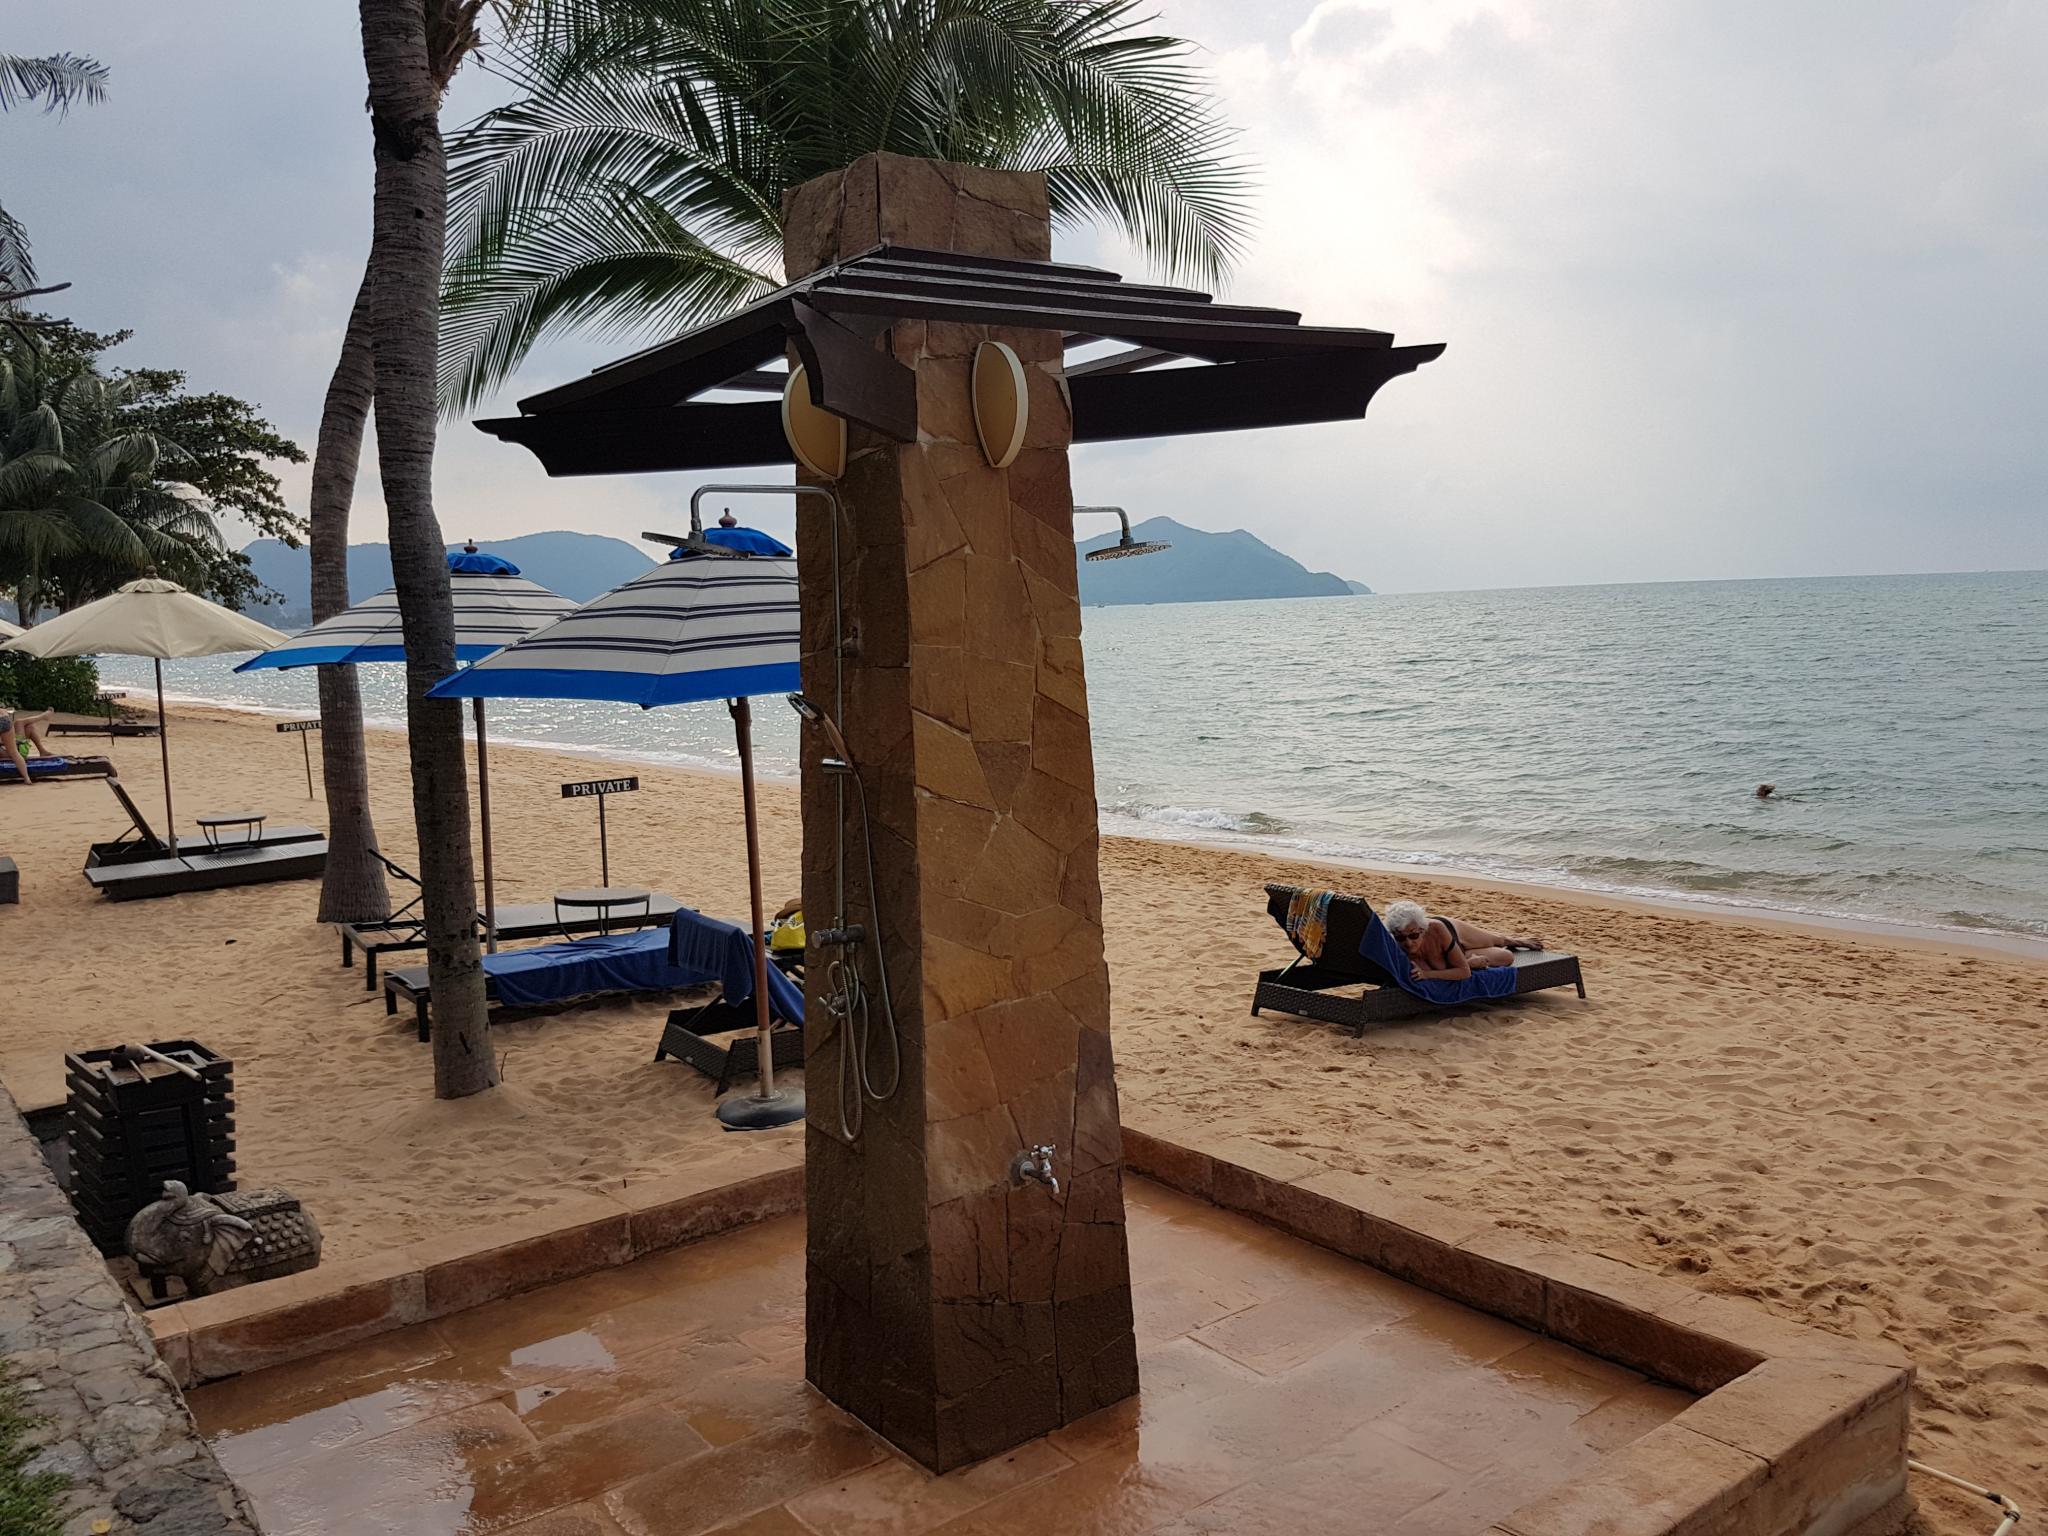 Bang Saray beach wedding & villa.-20191227_144702-jpg